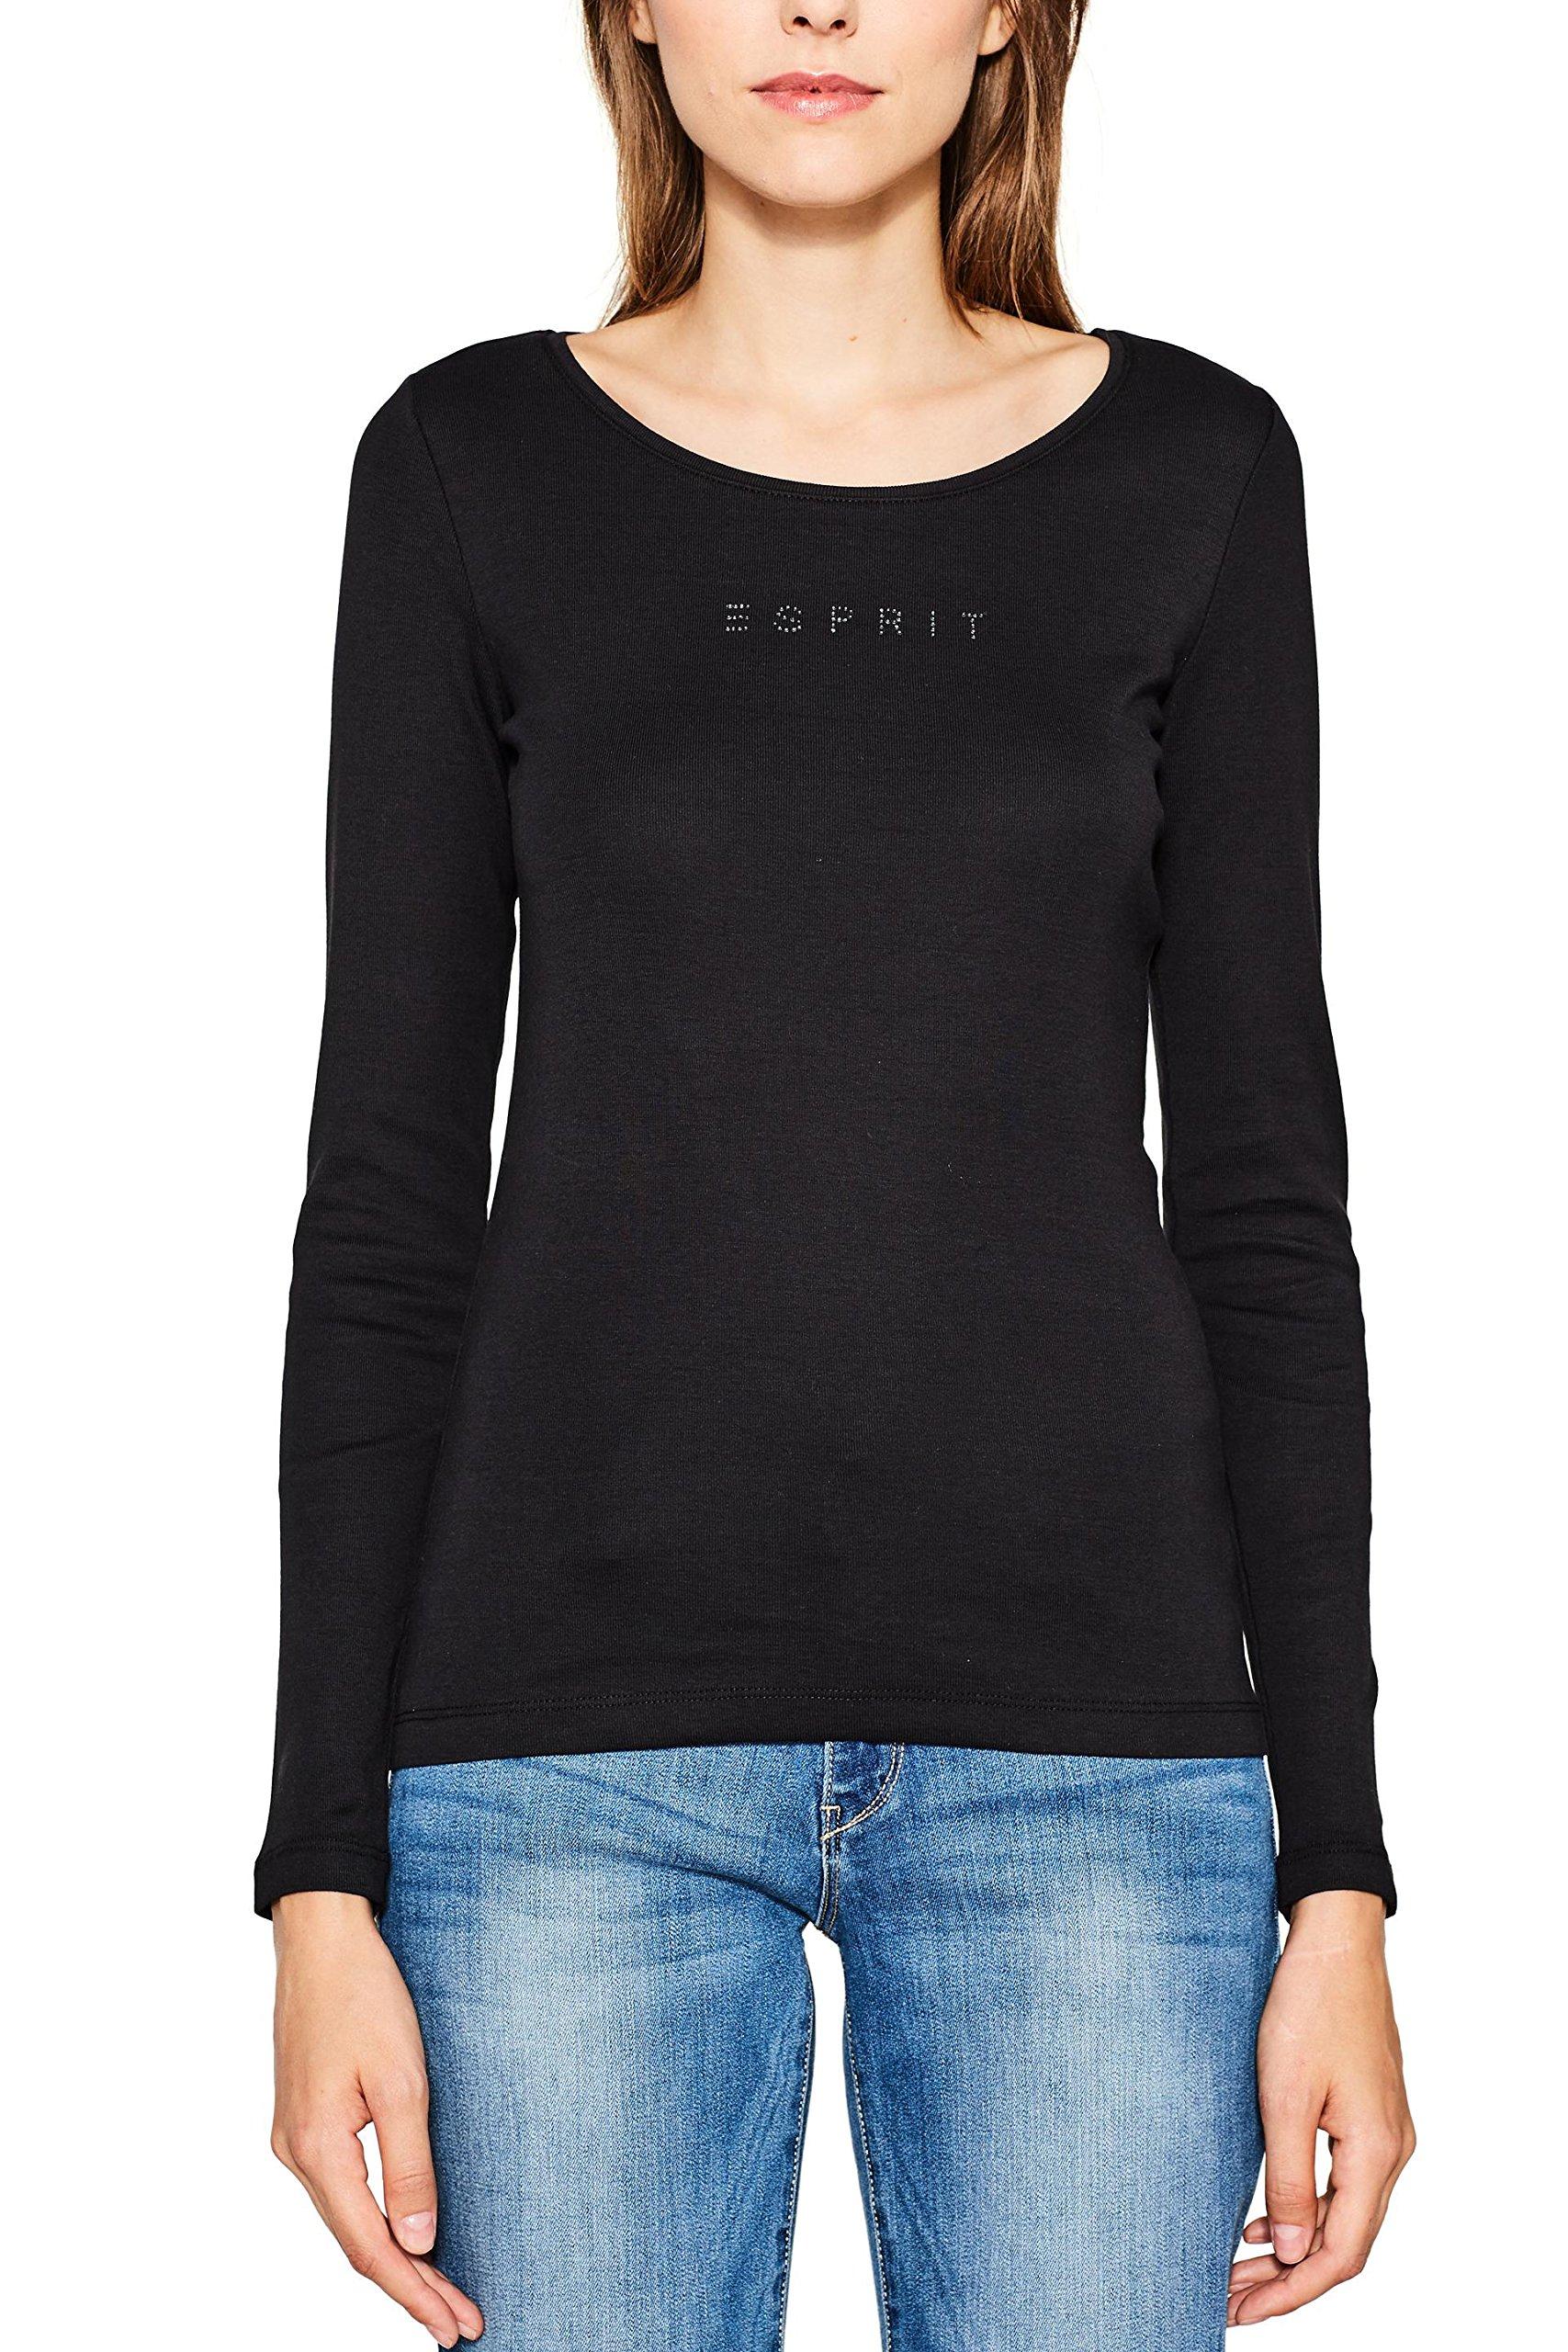 Top T-shirts à manches longues femme selon les notes Amazon.fr ecee463bb1c